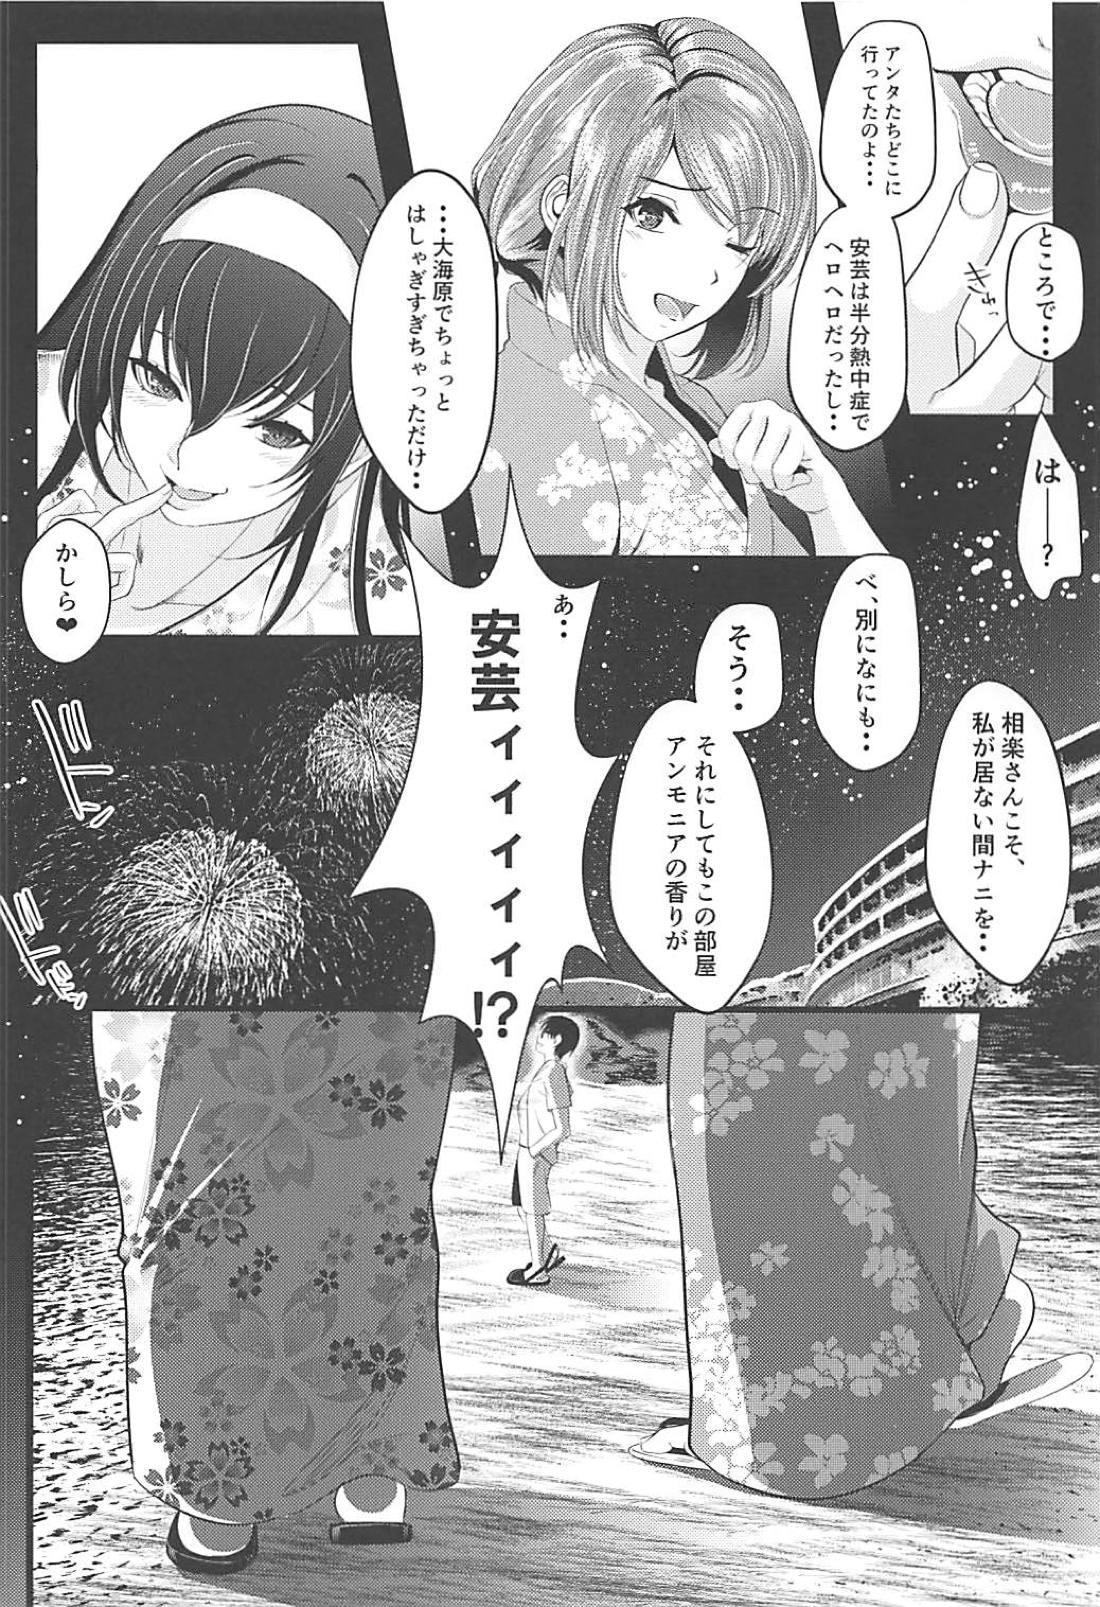 Saenai Futari no Kurashikata 3 28